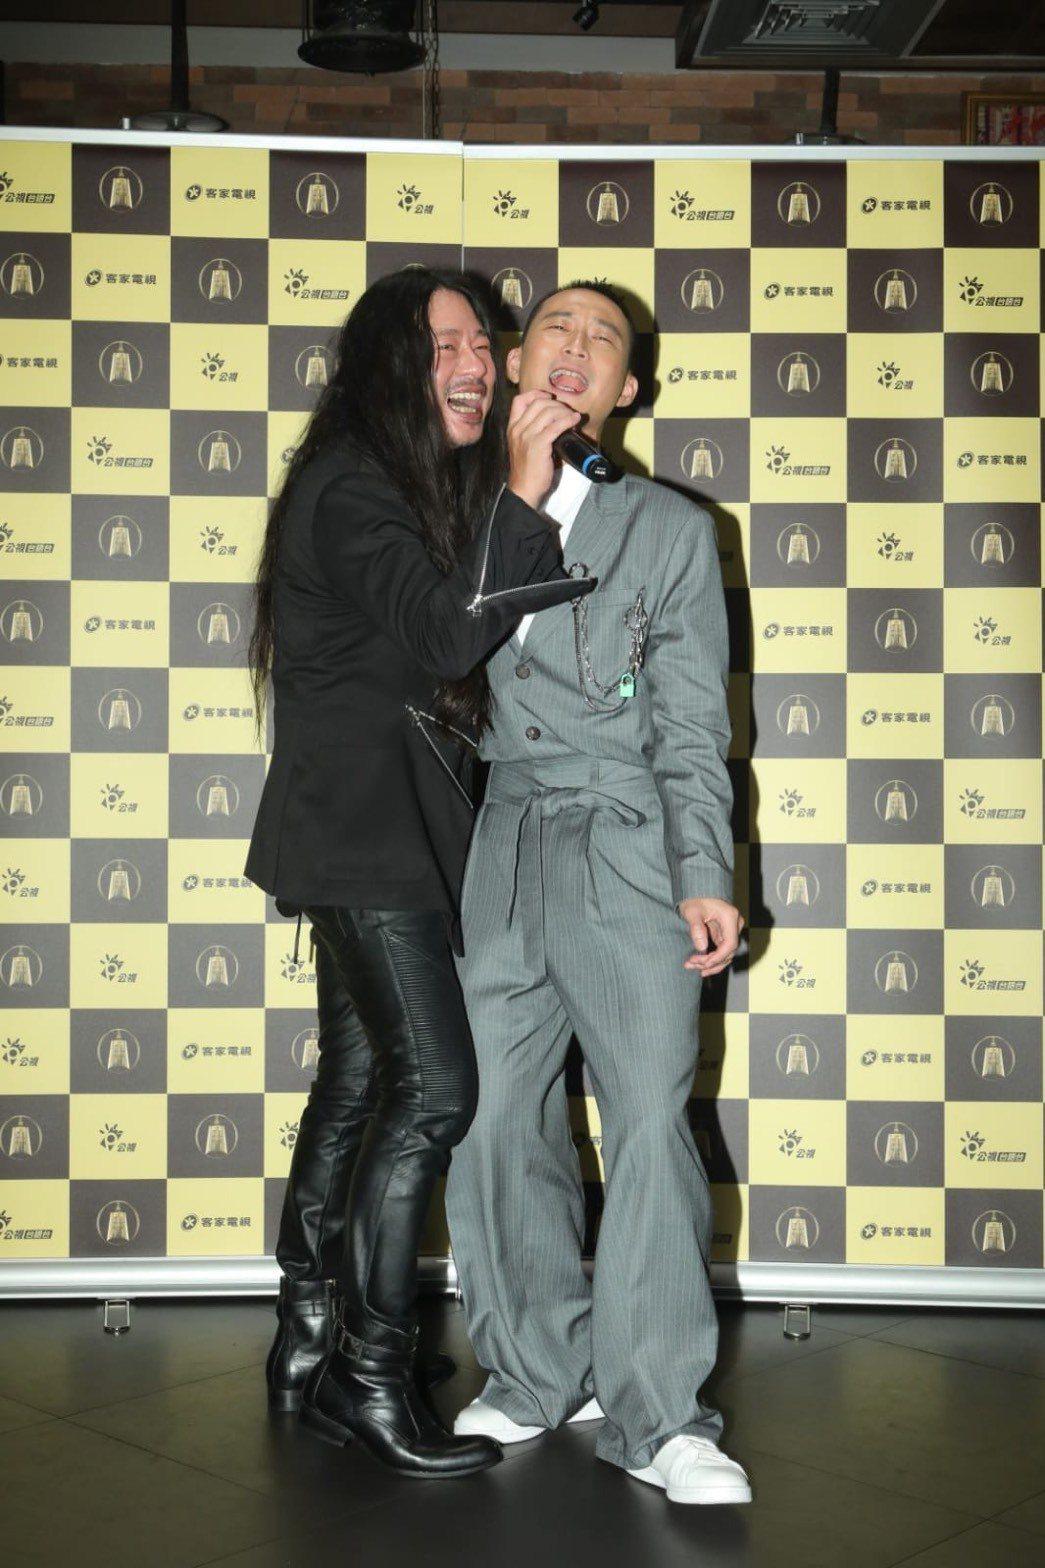 浩子和乱彈阿翔意外奪下這屆金鐘綜藝節目主持人獎。圖/公視提供